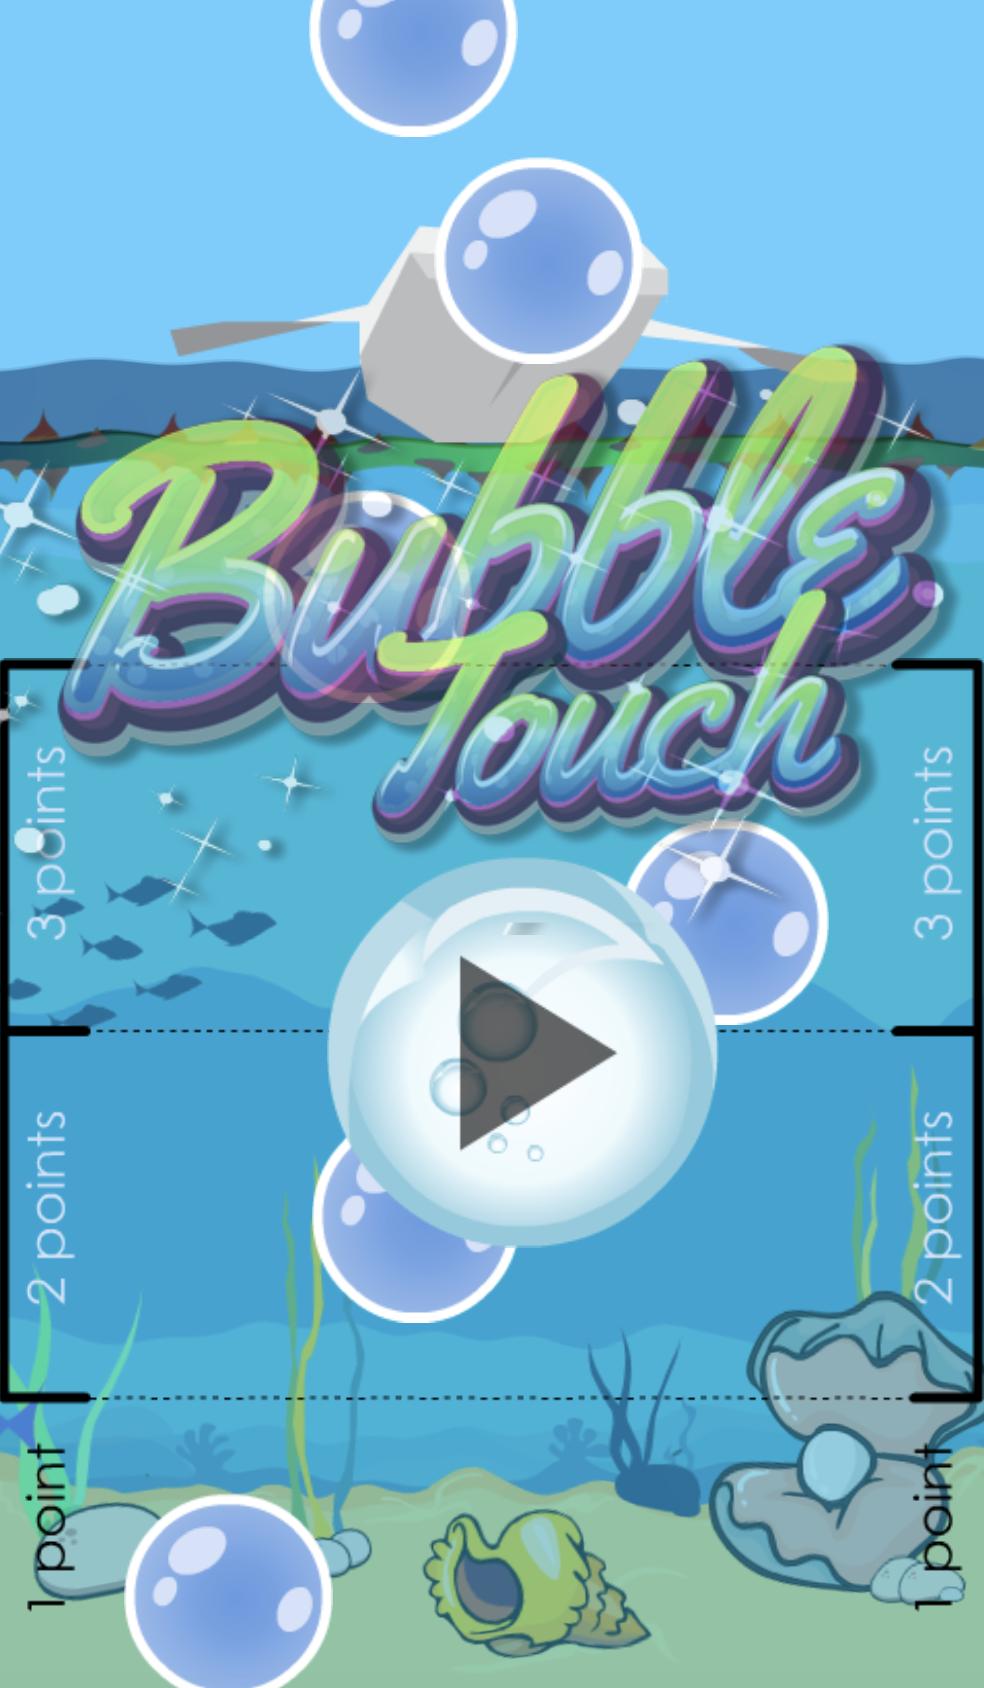 Bubble Touch